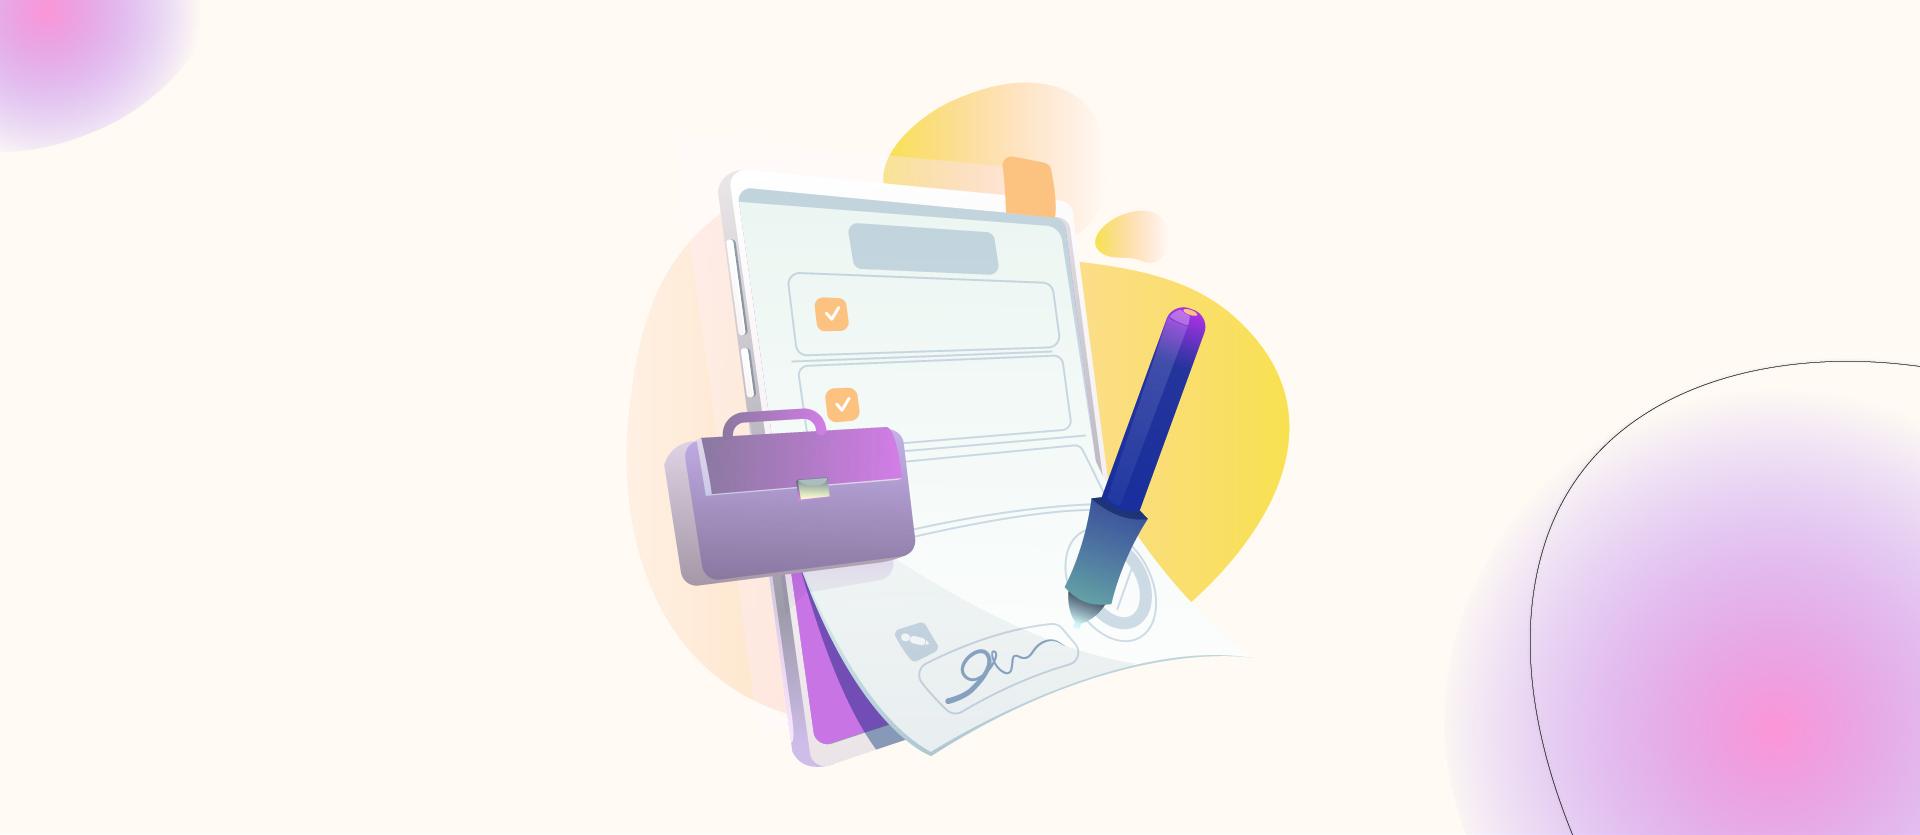 En illustration til blogindlægget om, hvad en tekstforfatter koster.